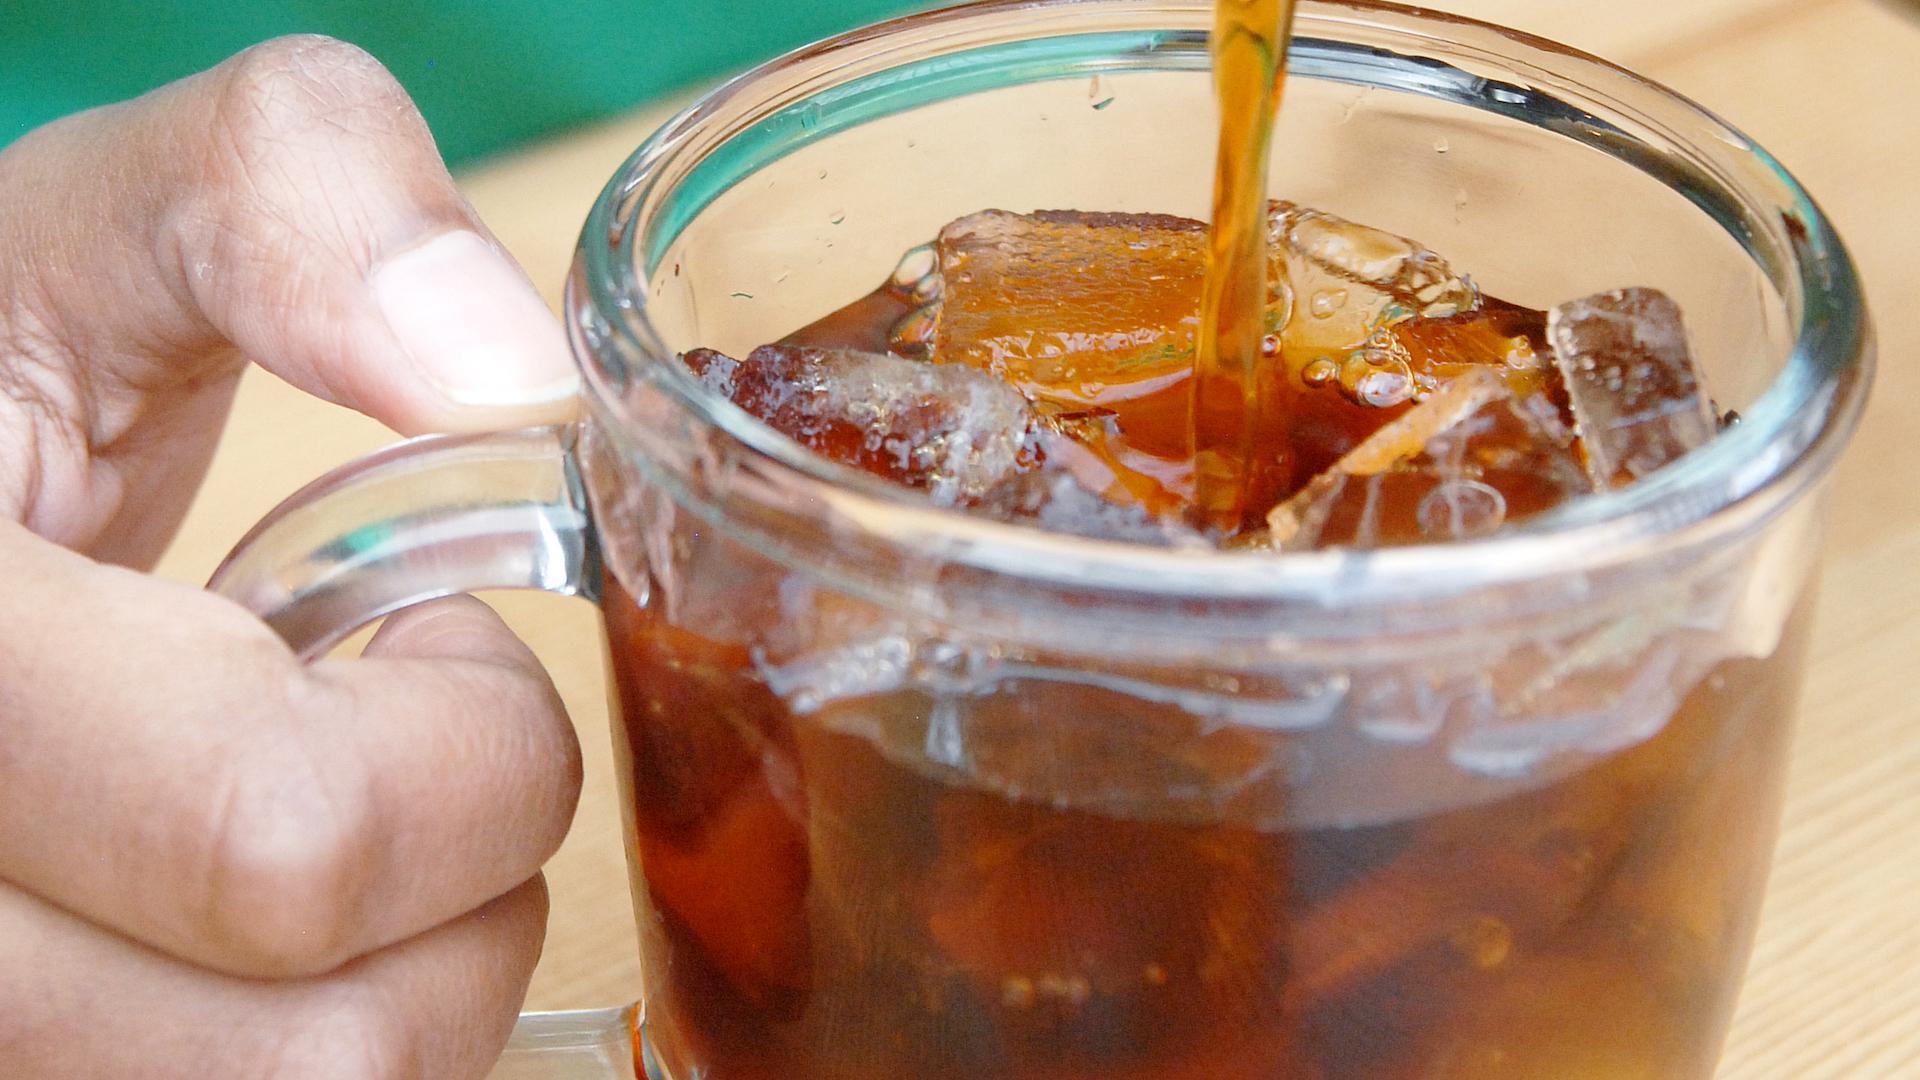 Starbucks comenzó a probar cubitos de hielo de café para agregar a sus bebidas frías